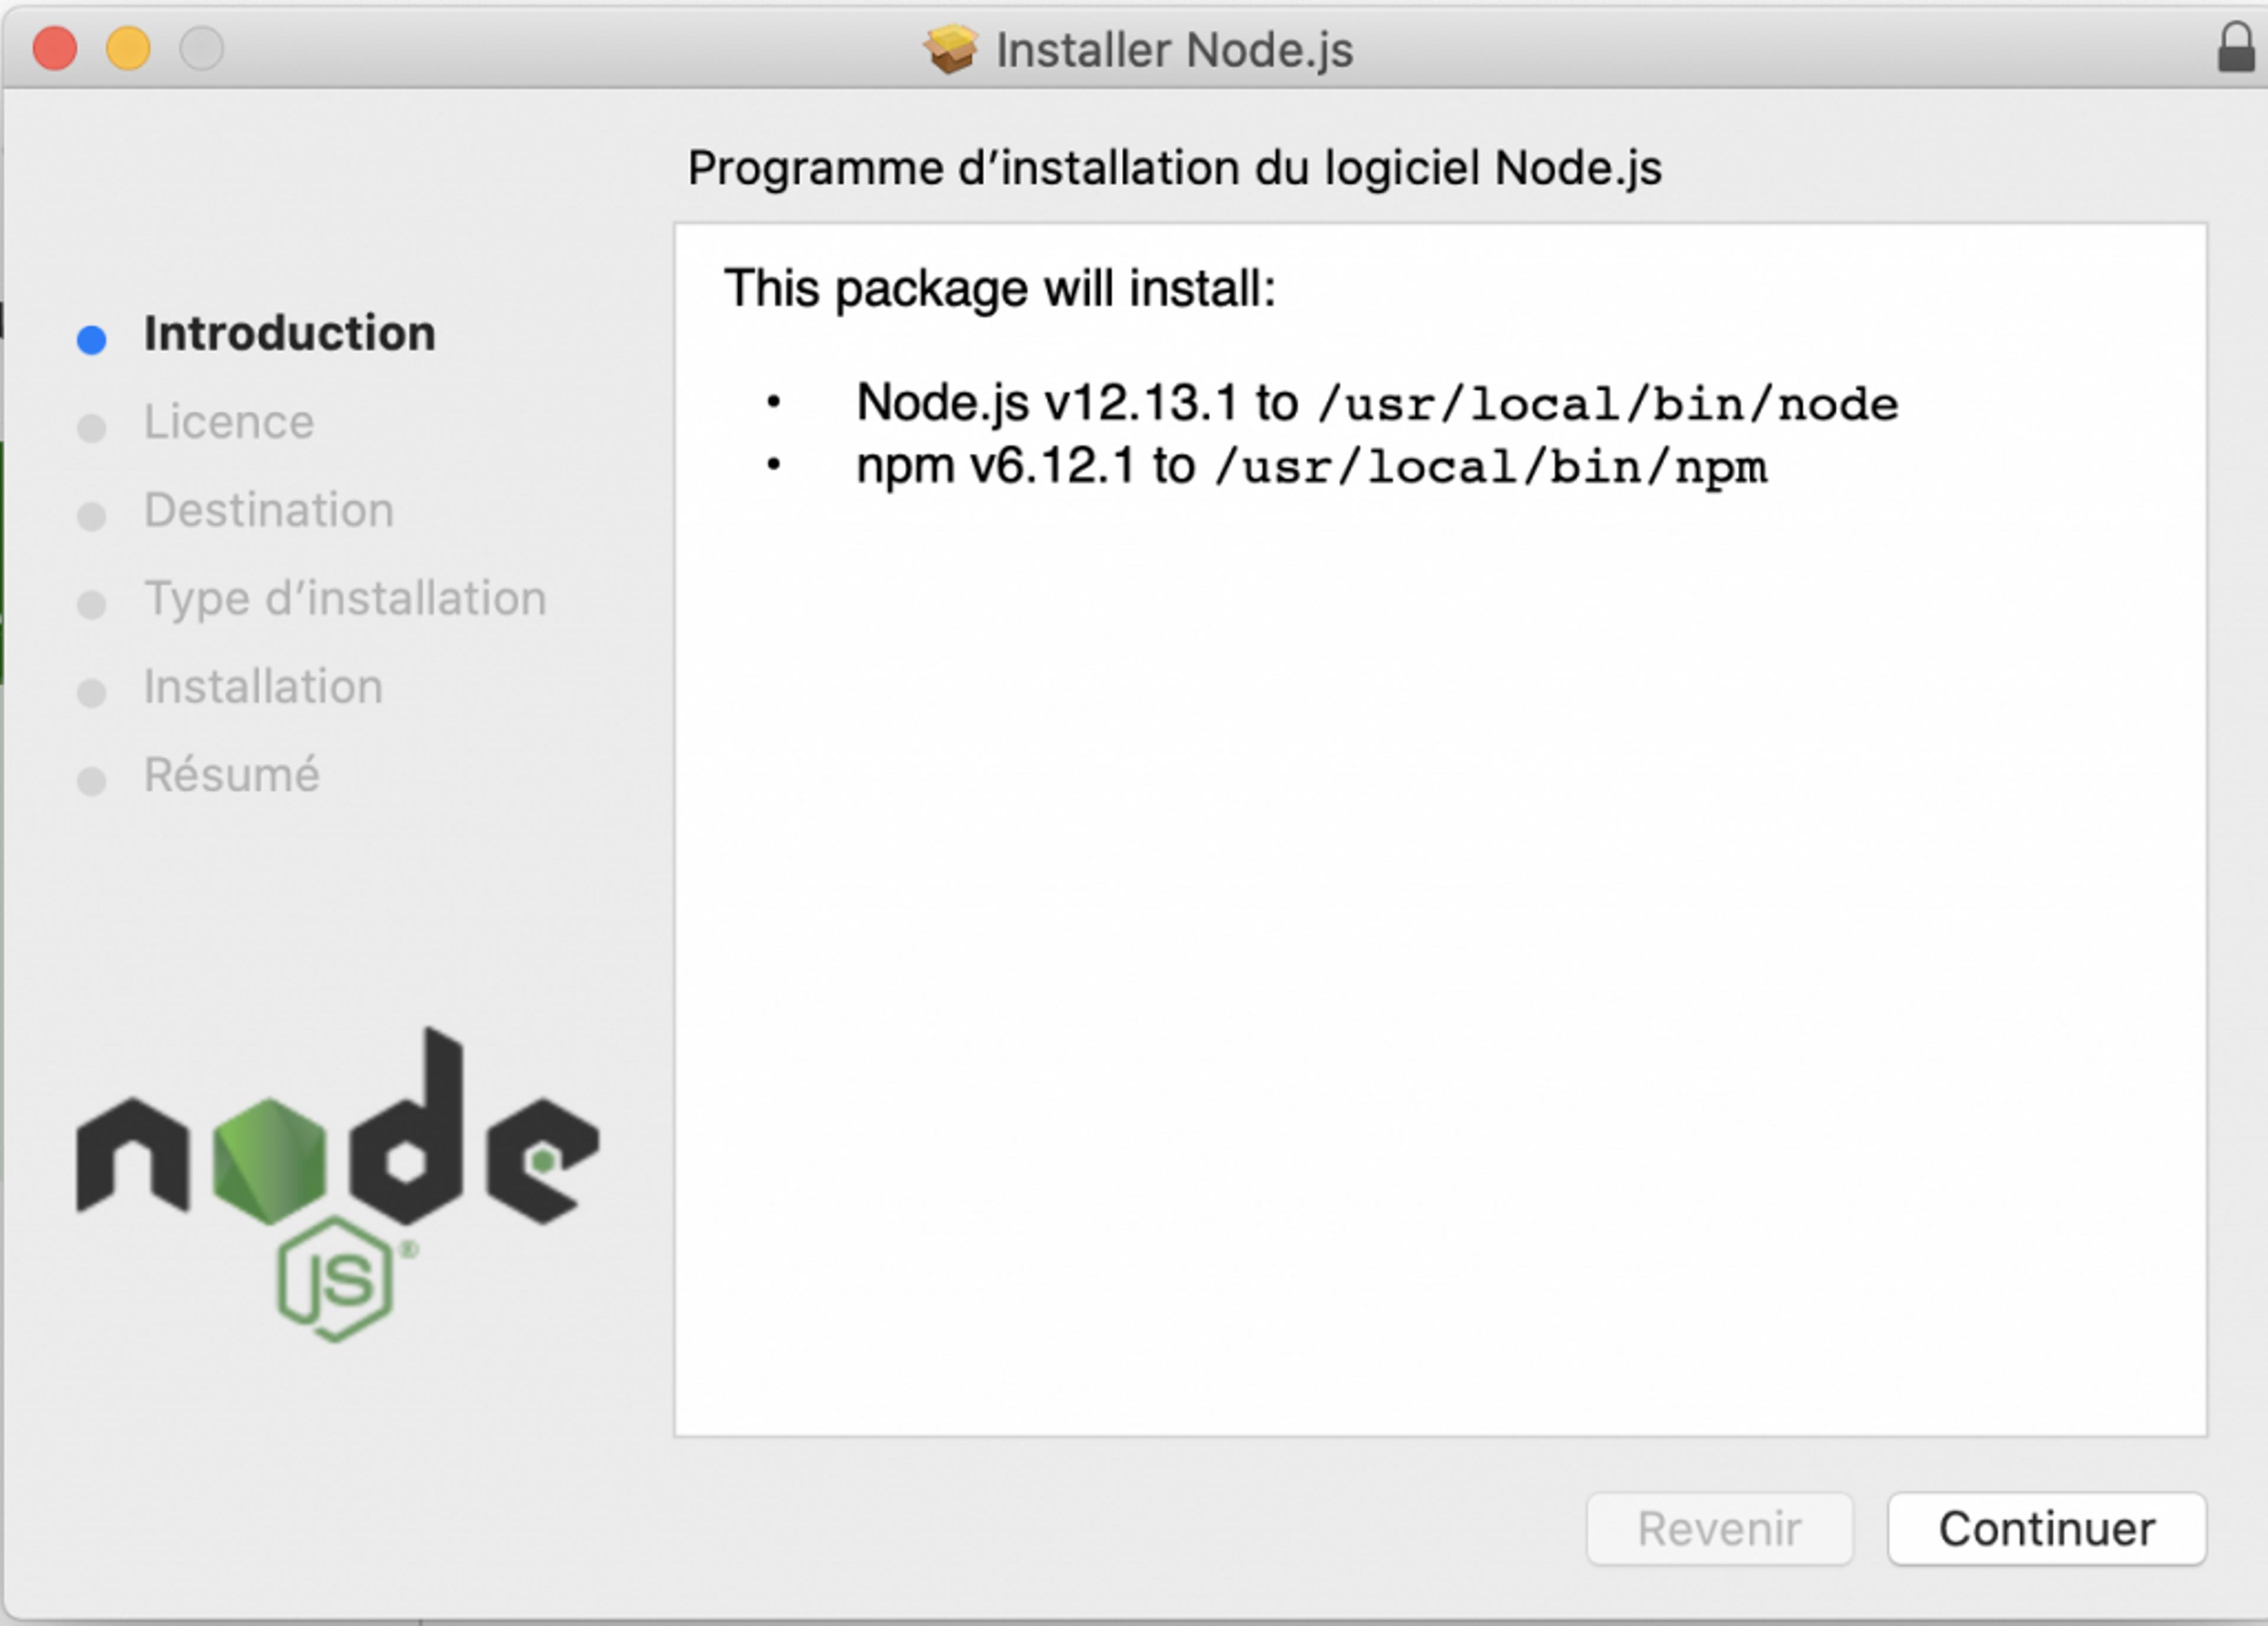 Suivre les instruction de l'installer NodeJS pour mac